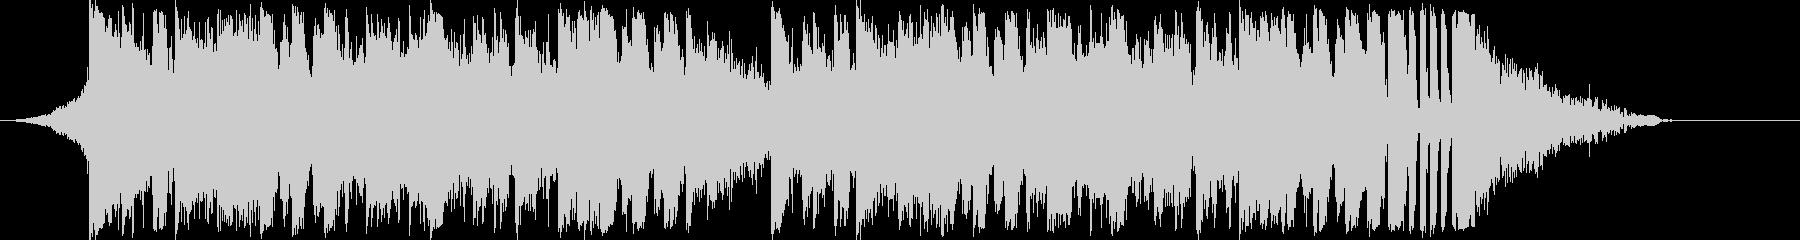 躍動感EDMダンスエレクトロダブステップの未再生の波形